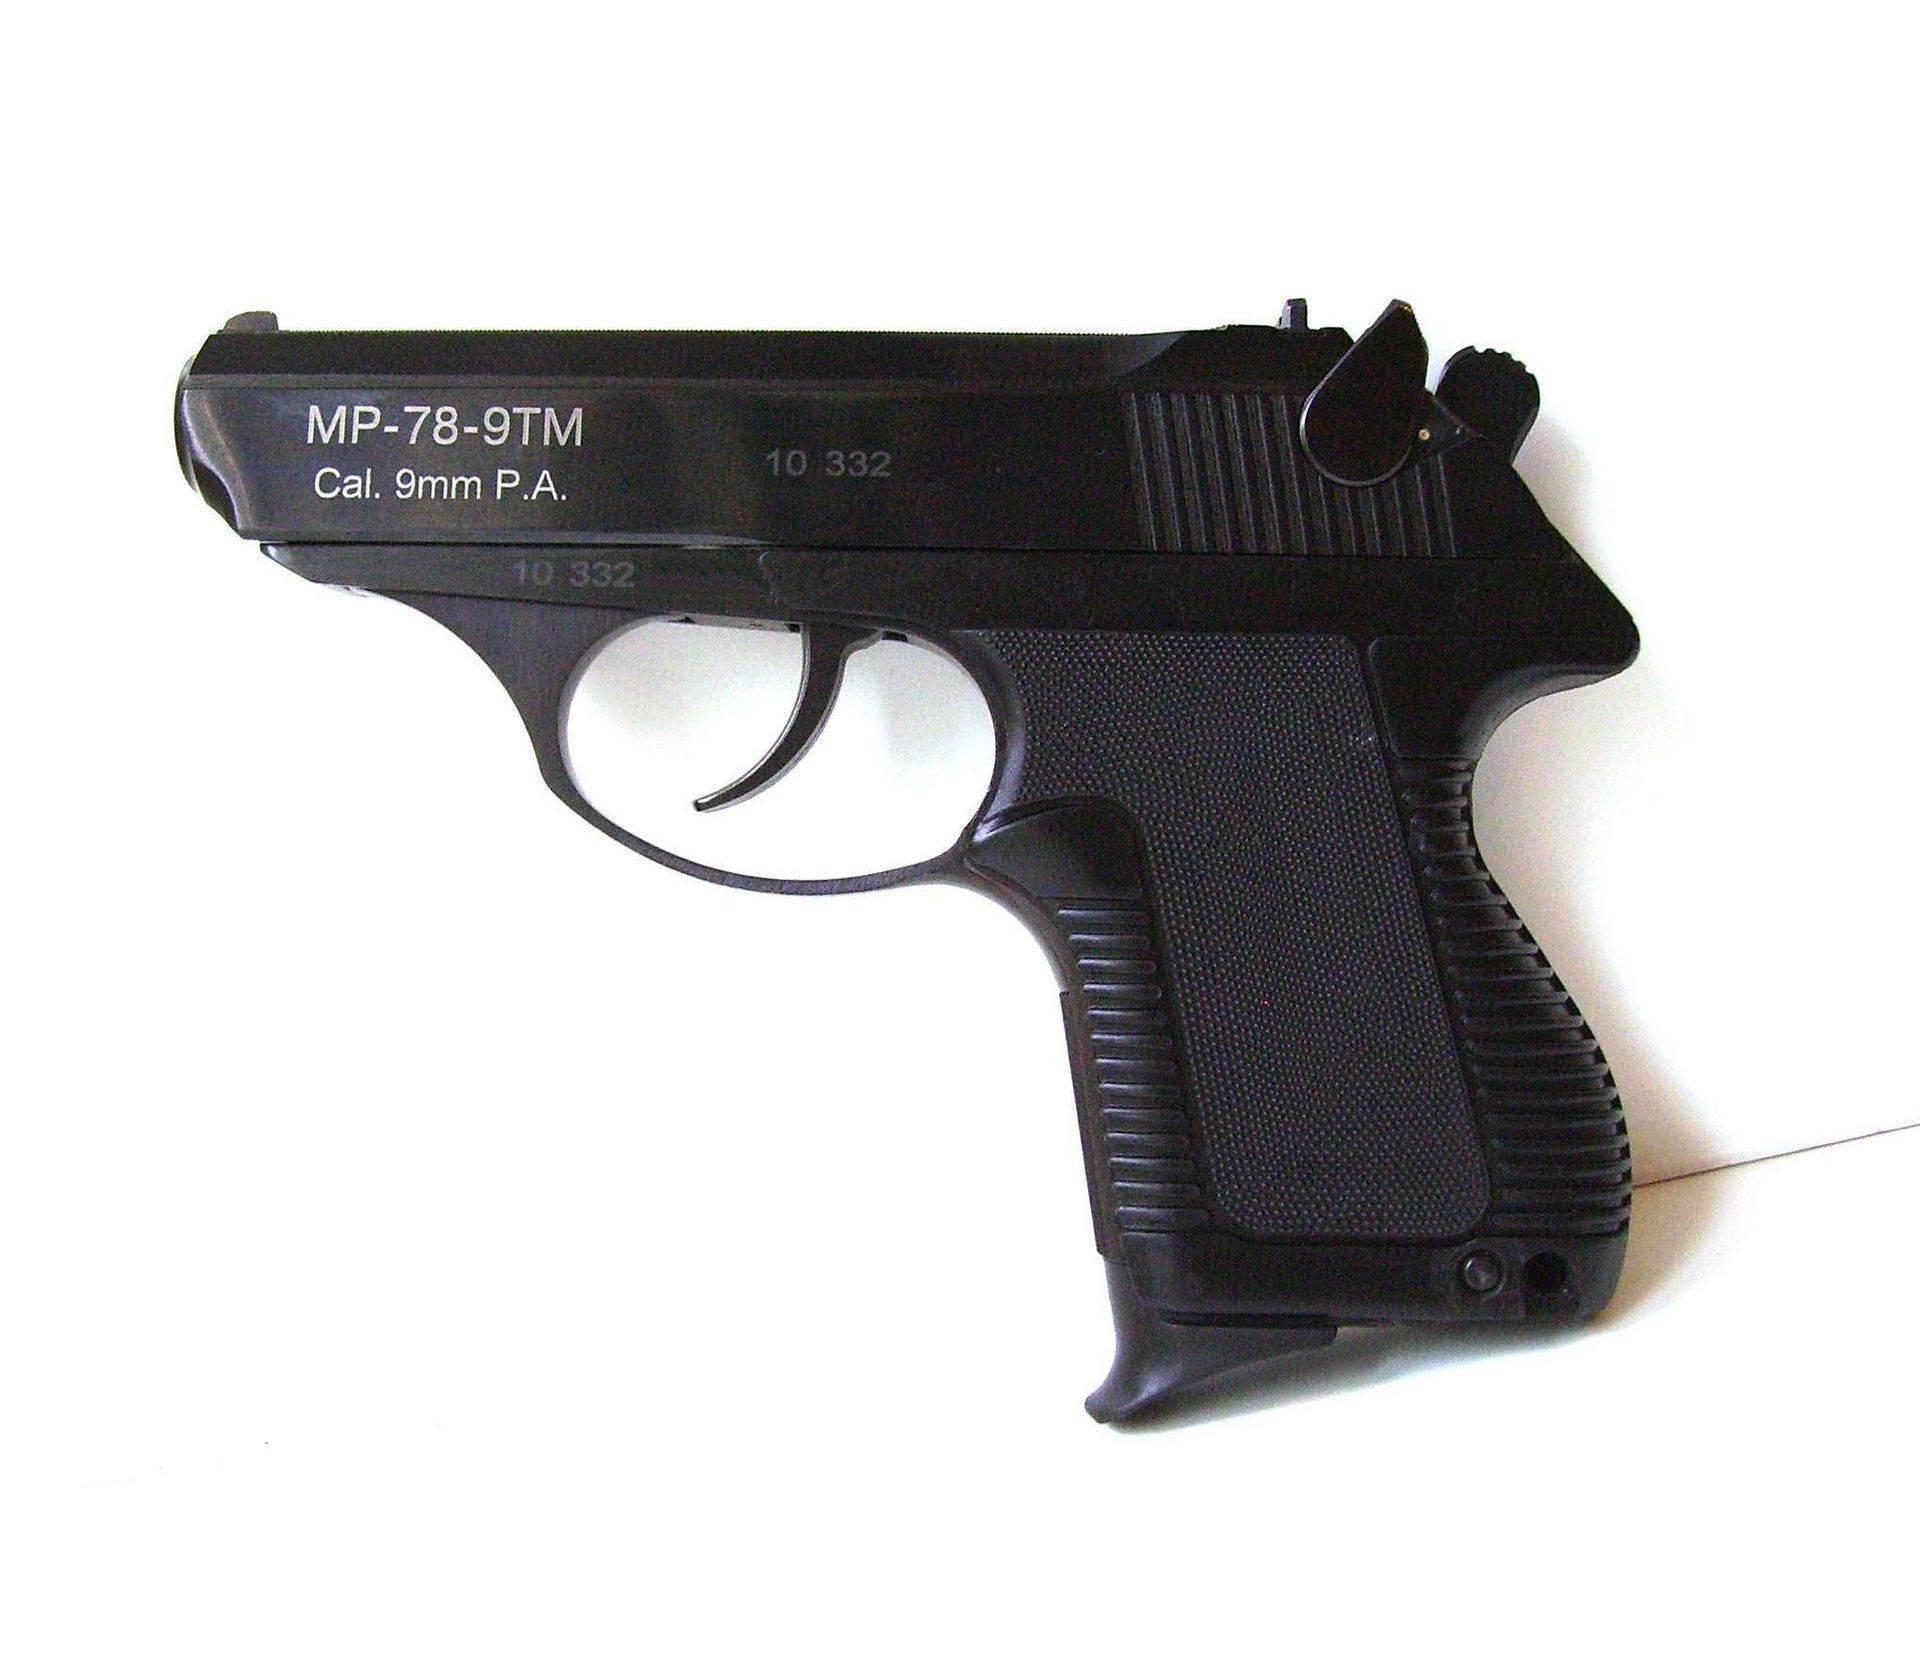 Компактный травматический пистолета мр-78-9тм